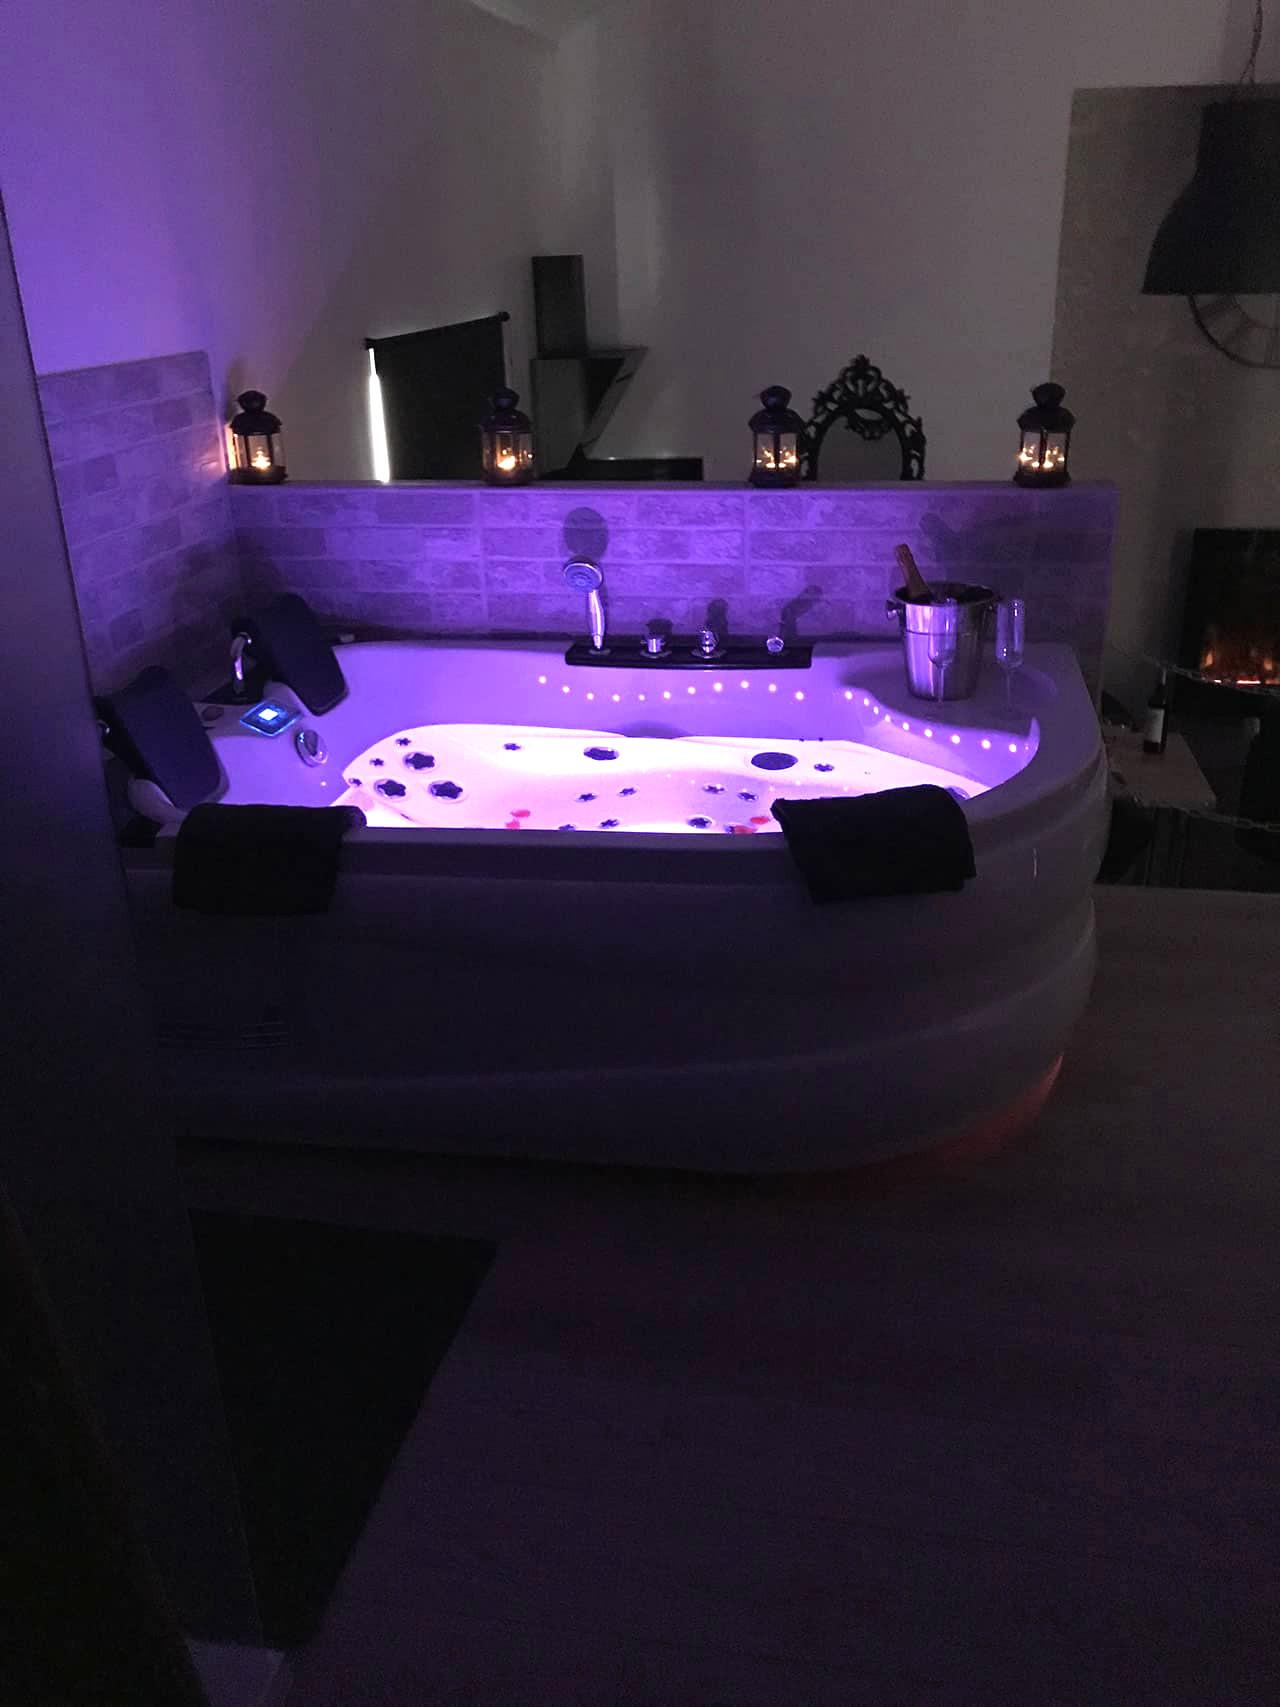 Hotel Avec Jacuzzi Dans La Chambre Nice Inspirational concernant Hotel Avec Jacuzzi Dans La Chambre Paca